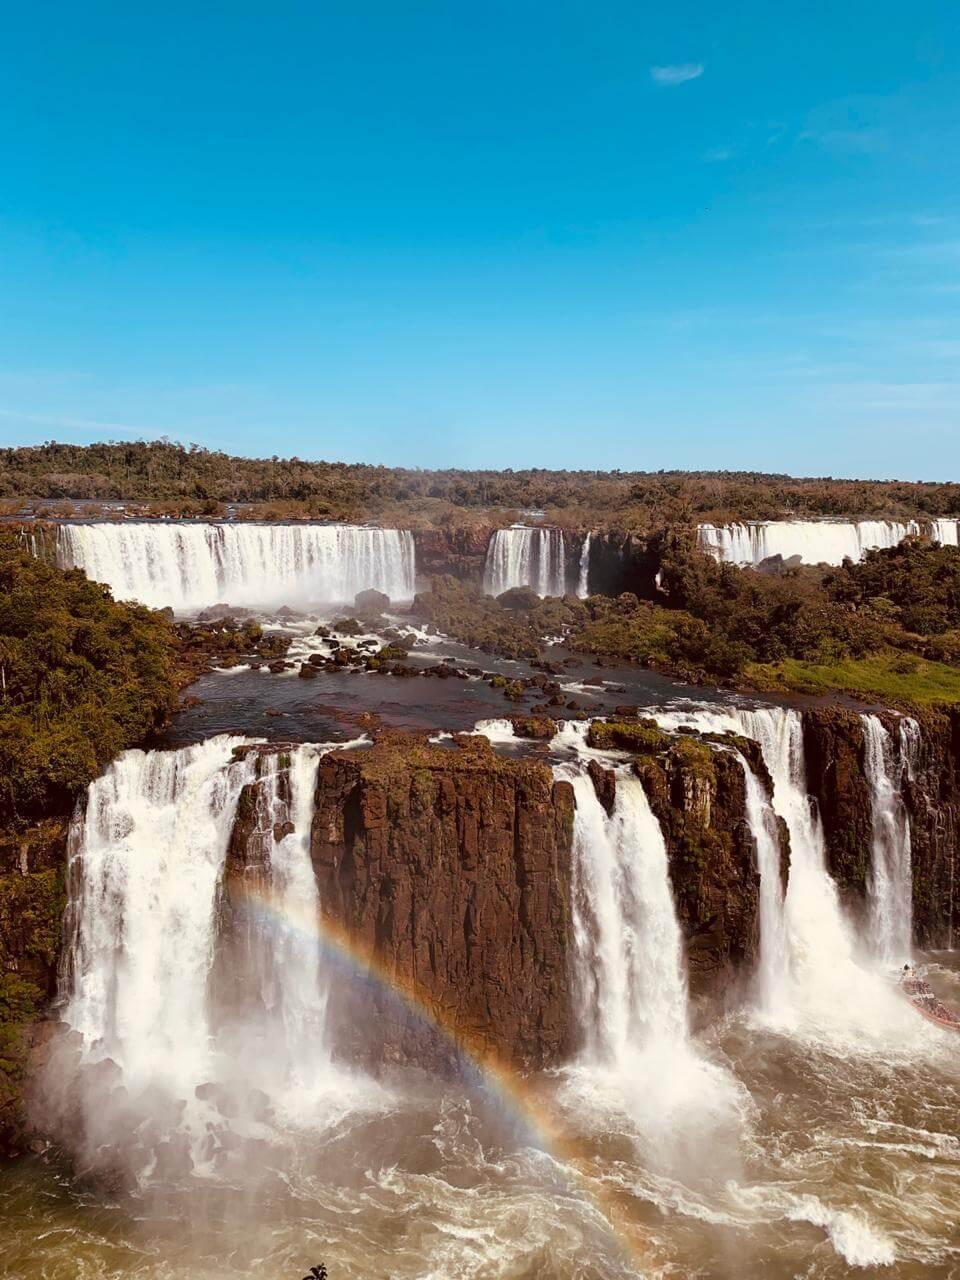 Cataratas de Foz do Iguaçu e arco-íris.